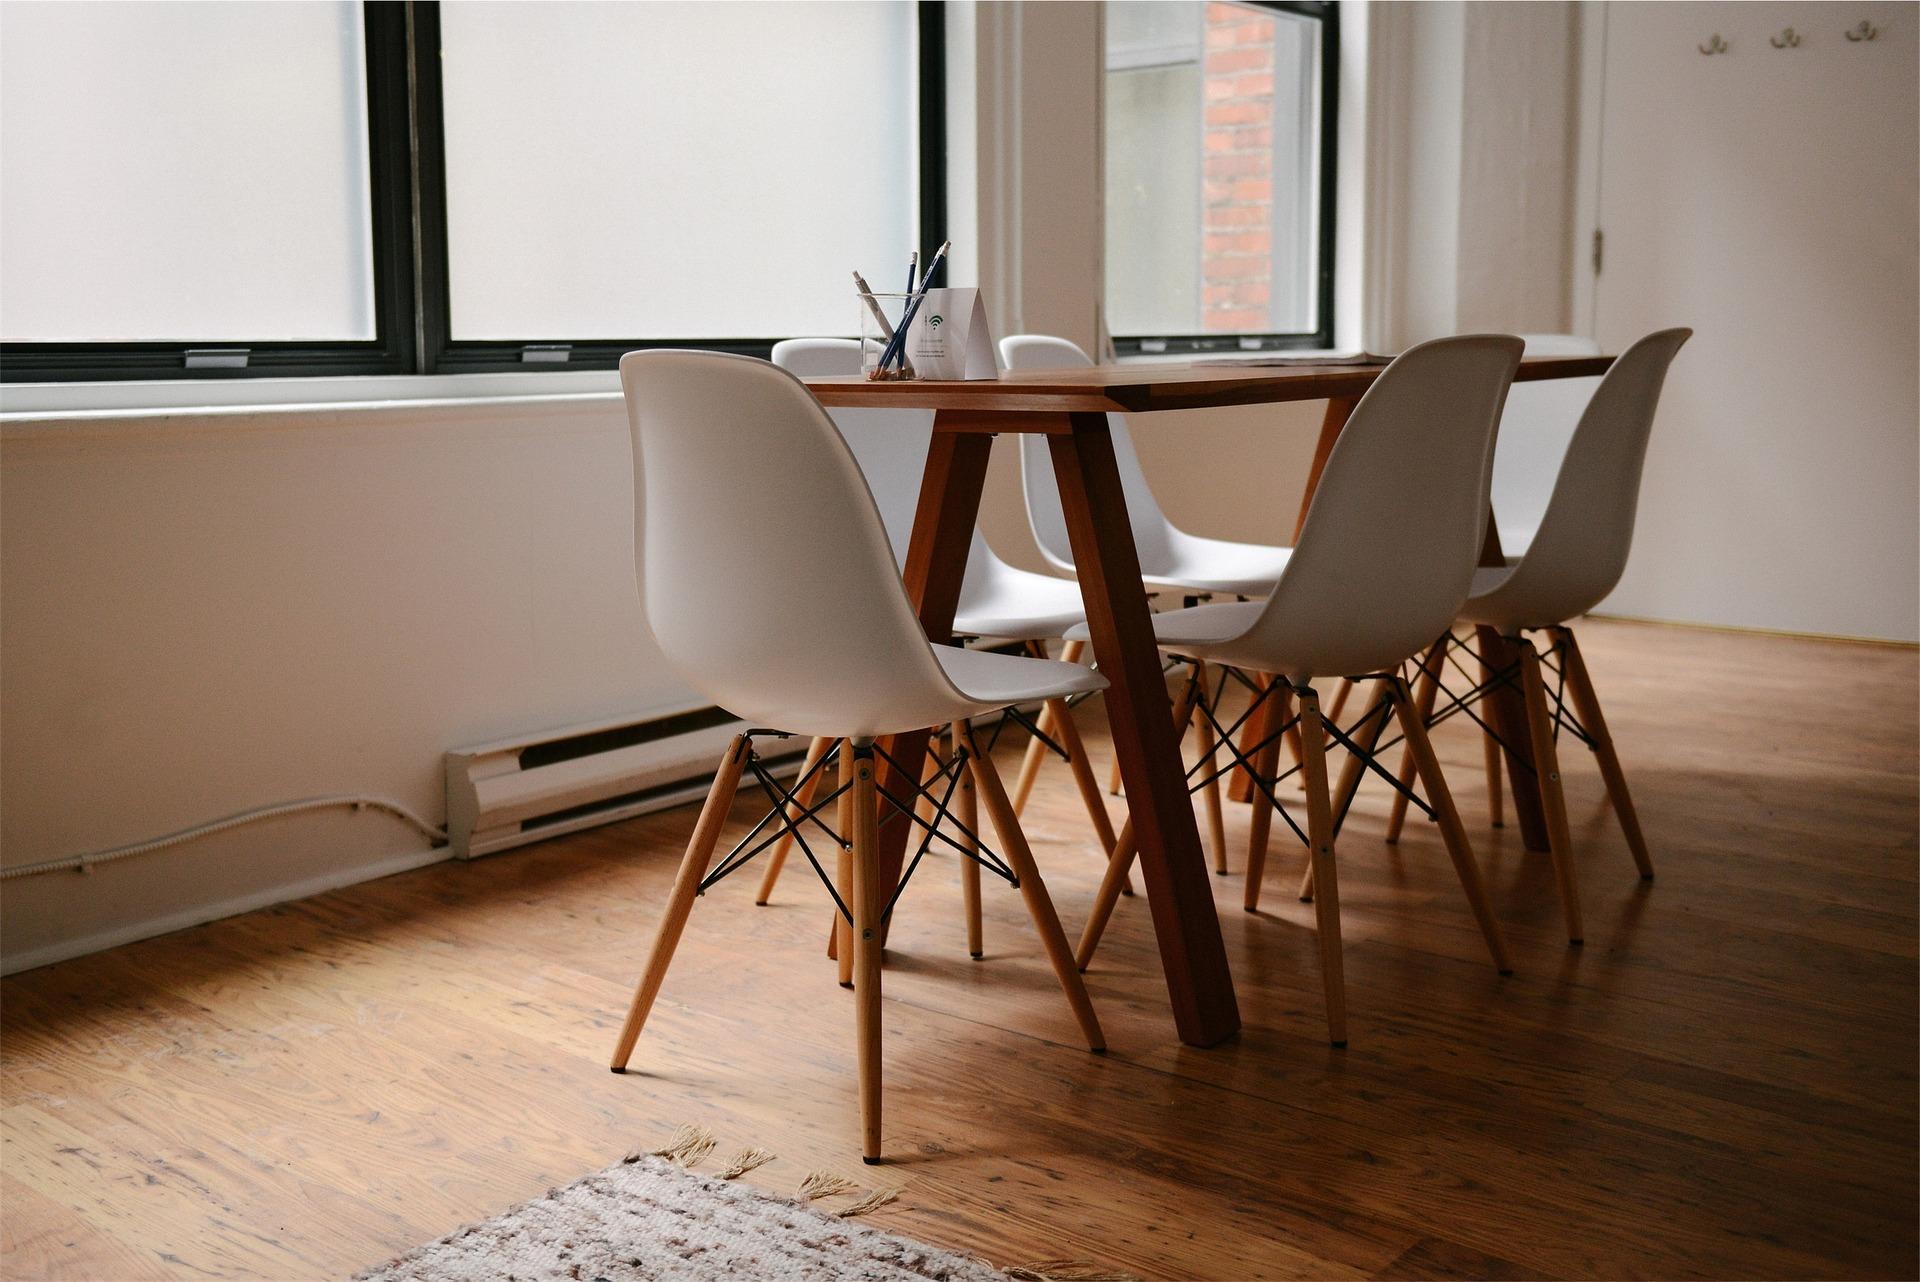 Design stoelen eetkamer | Designlife